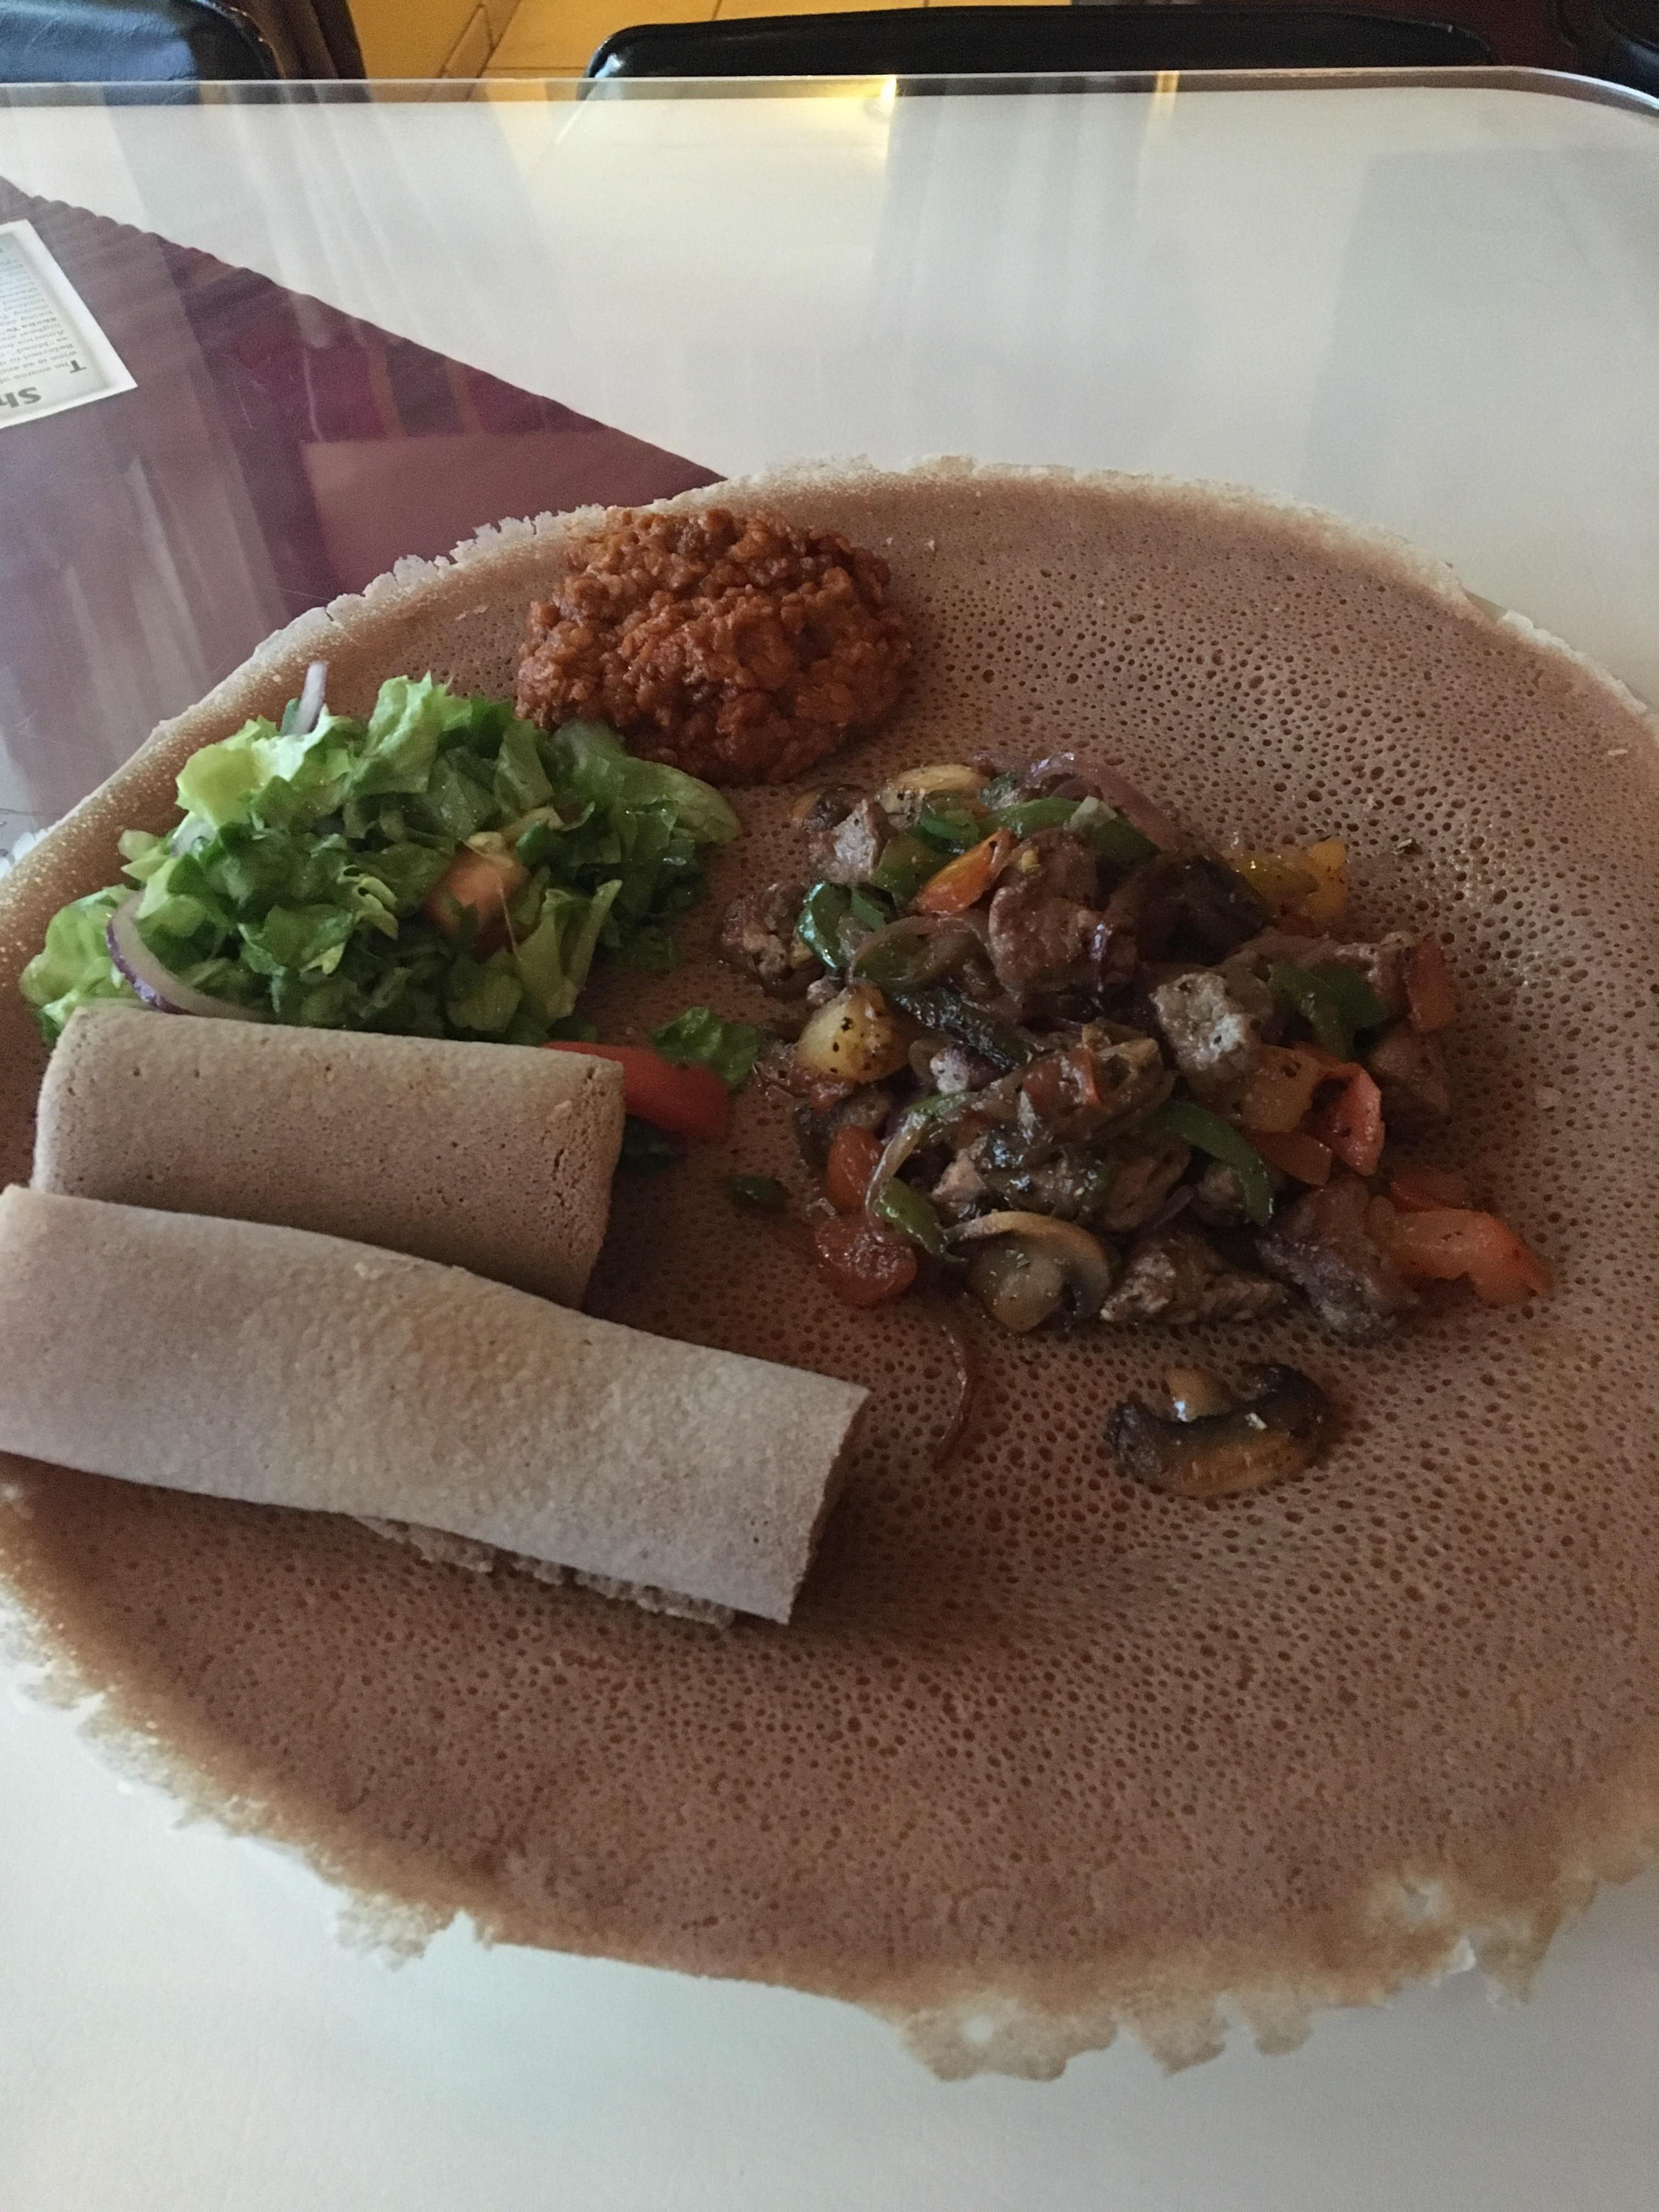 [I ate] Ethiopian Shifta tips (lamb) kik wot (lentil stew) injera (flat bread) and side salad